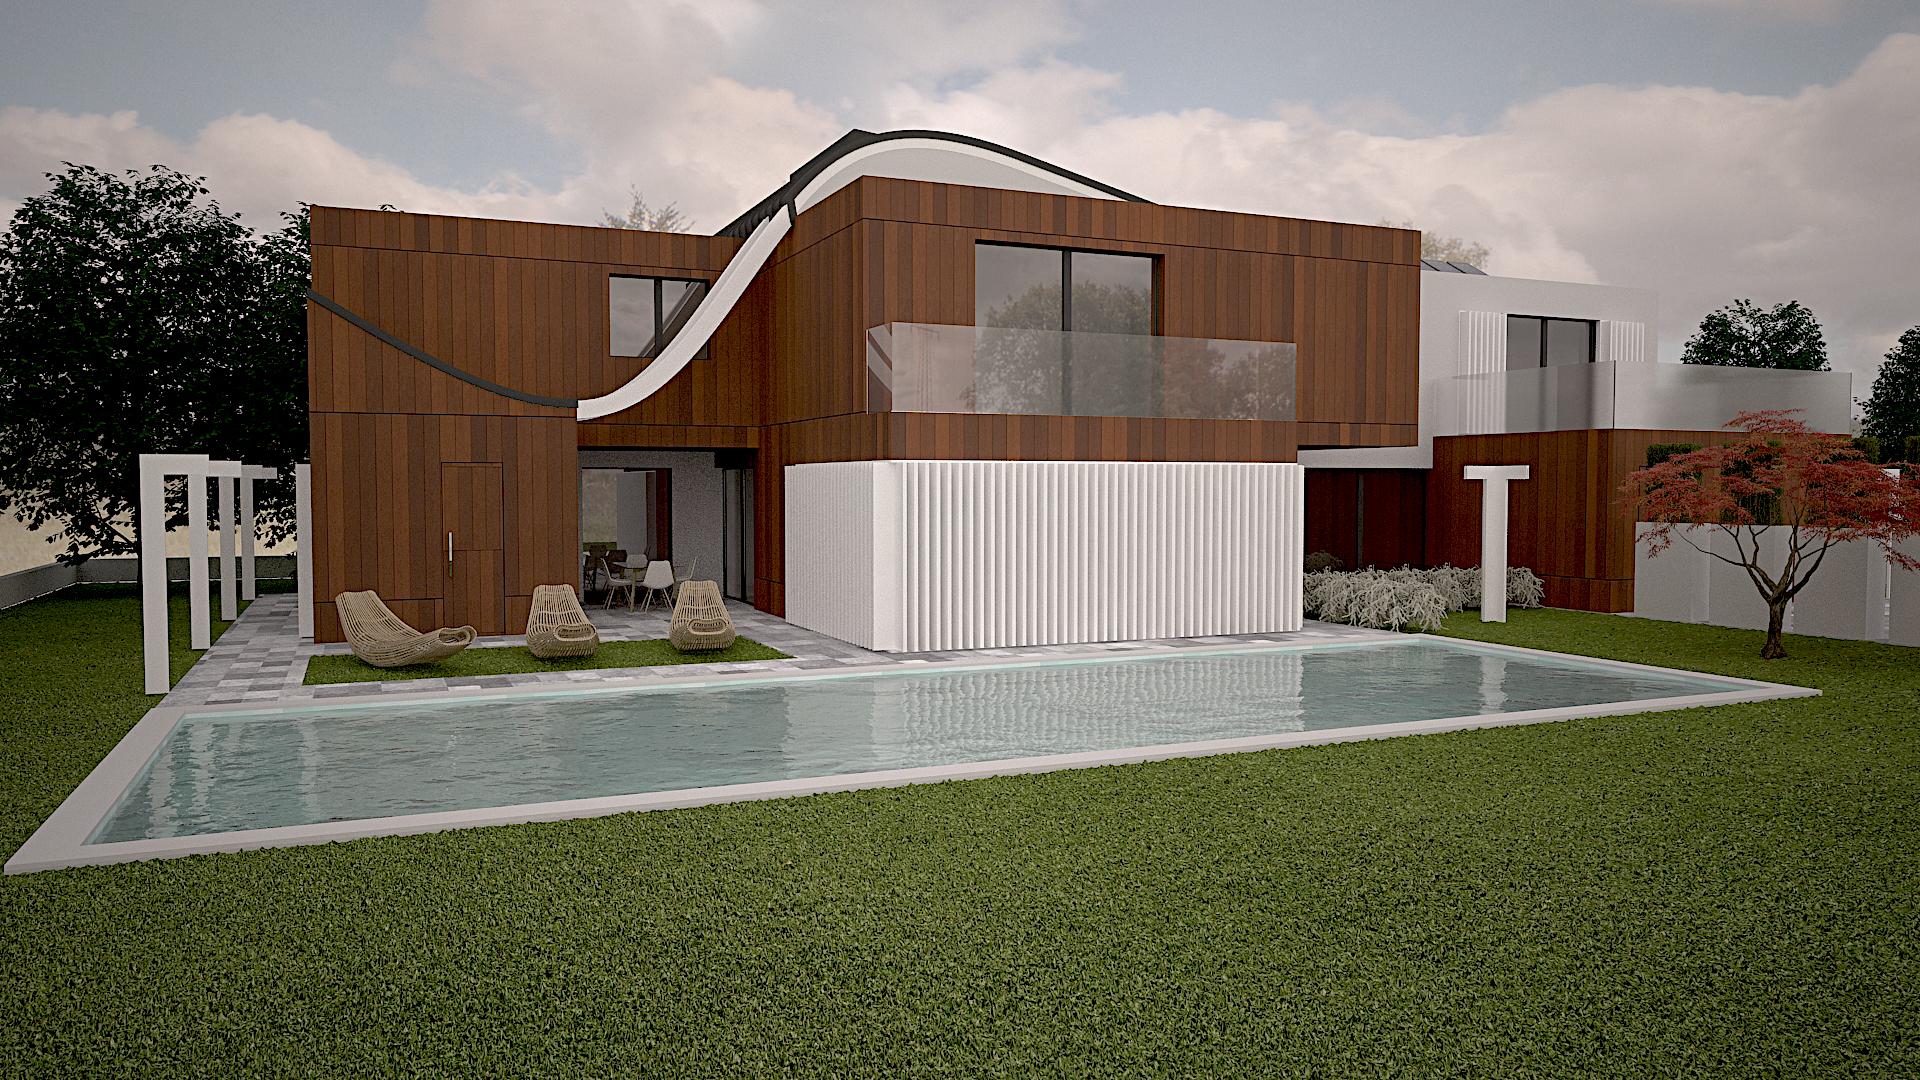 progettazione architettura casa prefabbricata legno milano provincia architetto design luxury style